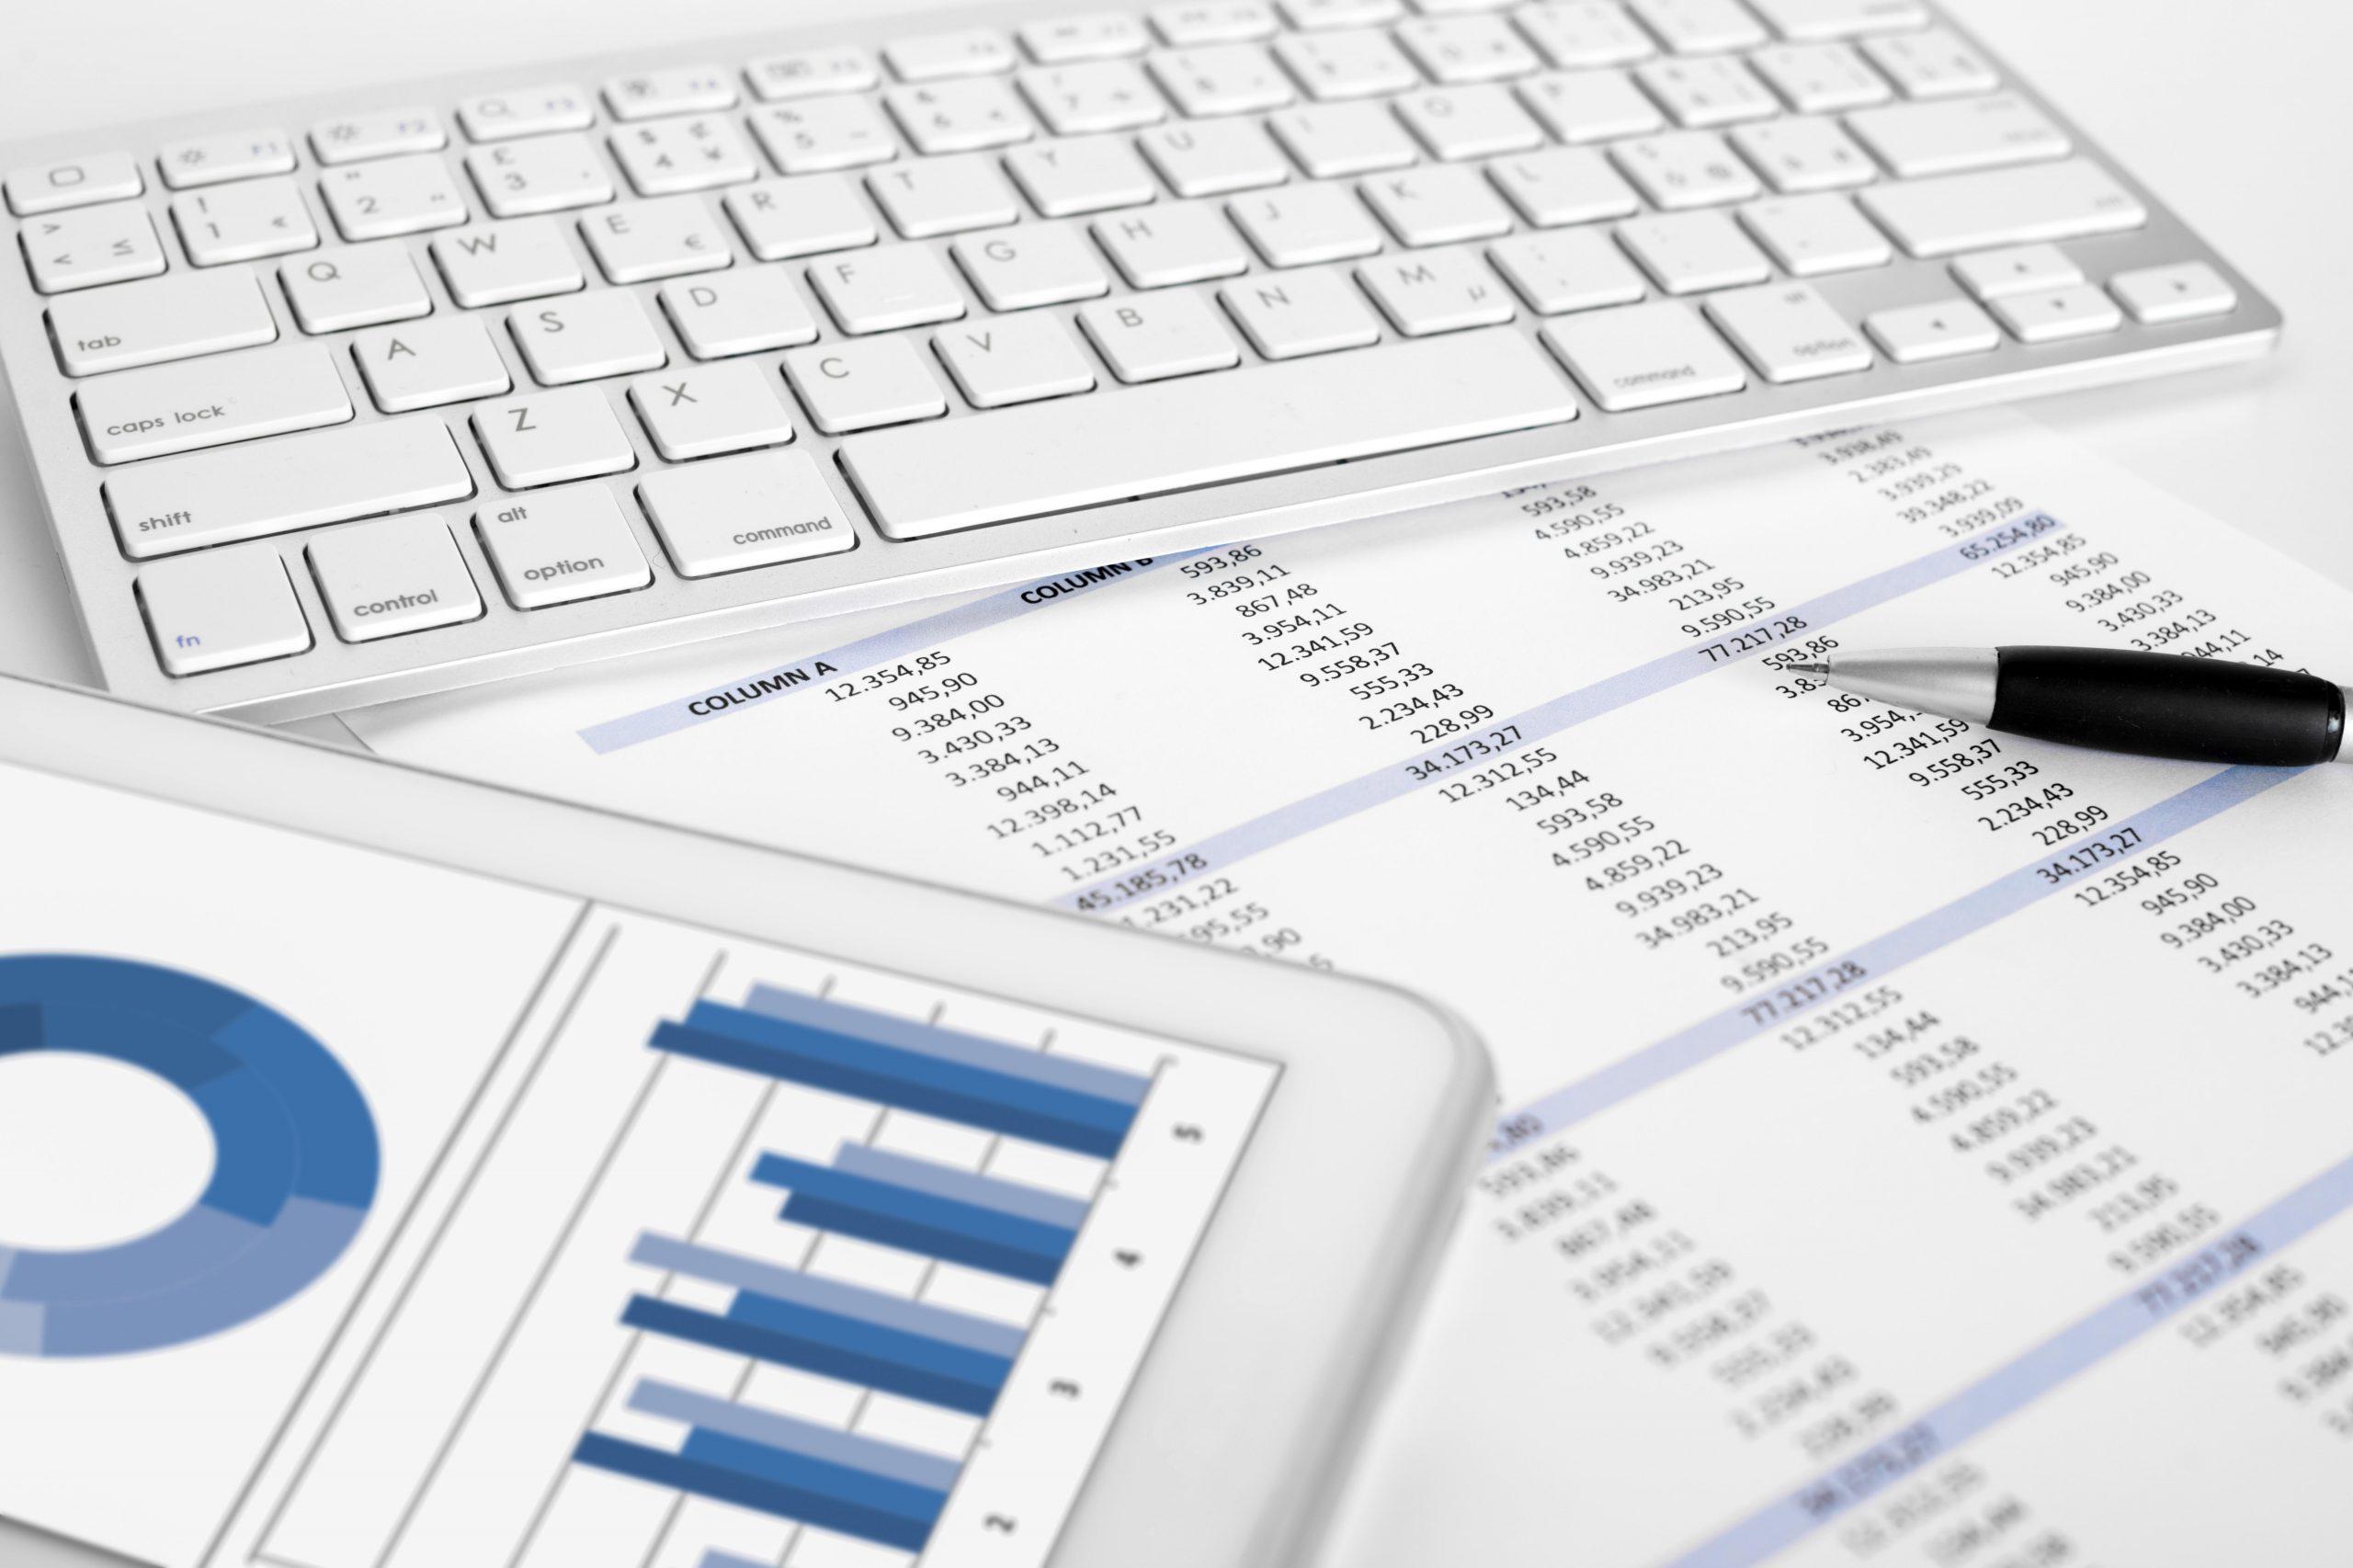 Lucro presumido: Solução de consulta COSIT 45 esclarece tributação de ganhos de capital nas vendas à prazo